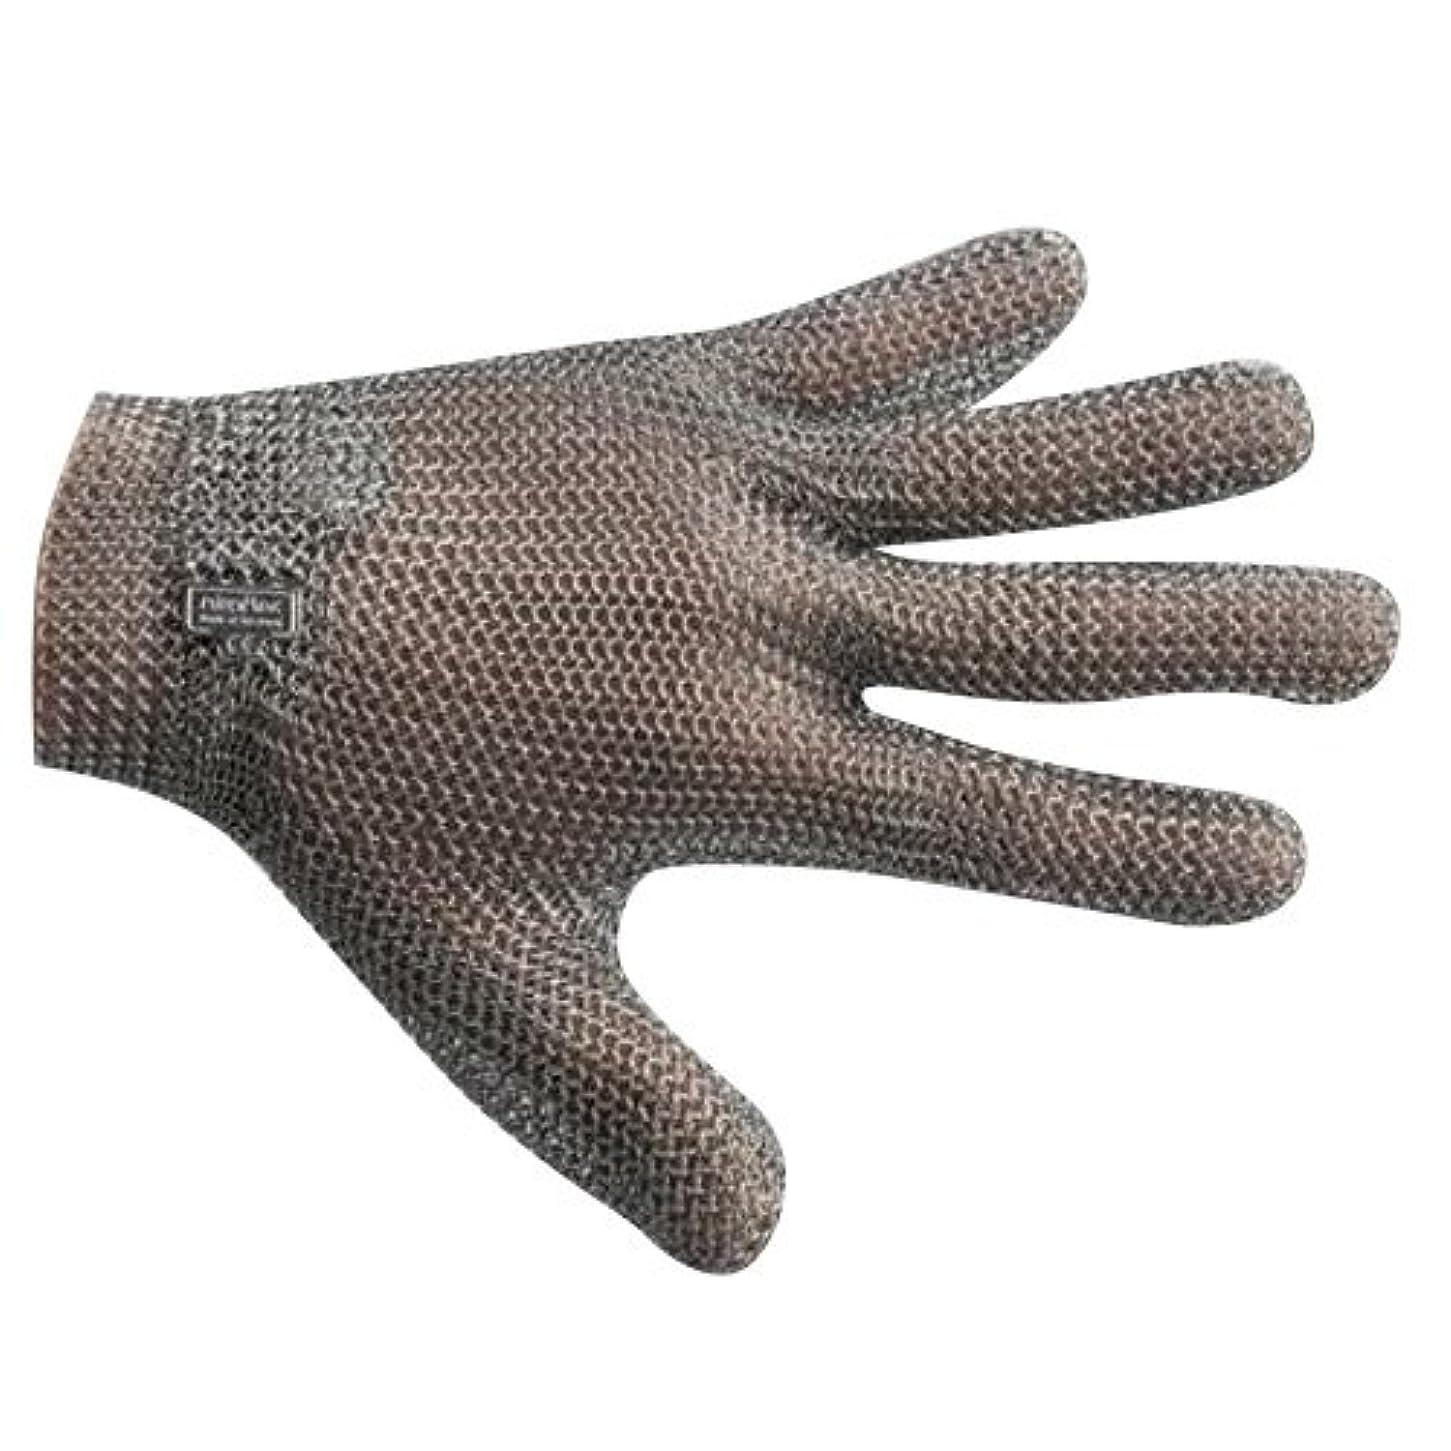 同盟何十人も教授宇都宮製作 GU-2500 ステンレスメッシュ手袋 5本指(左右兼用) M